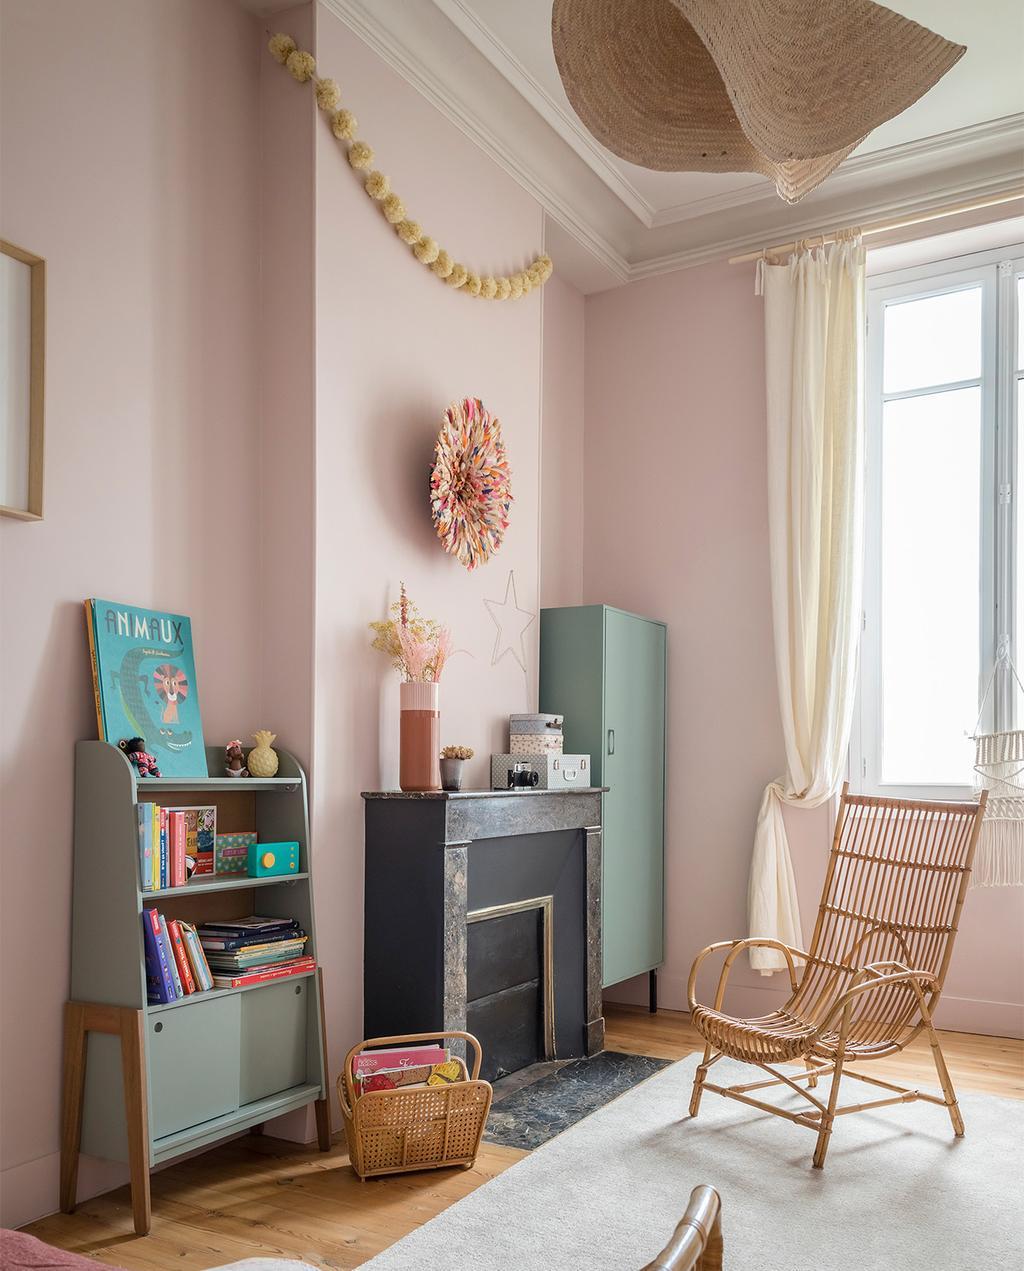 vtwonen special zomerhuizen 07-2021 | roze muren met een fauteuil en een zwarte schouw